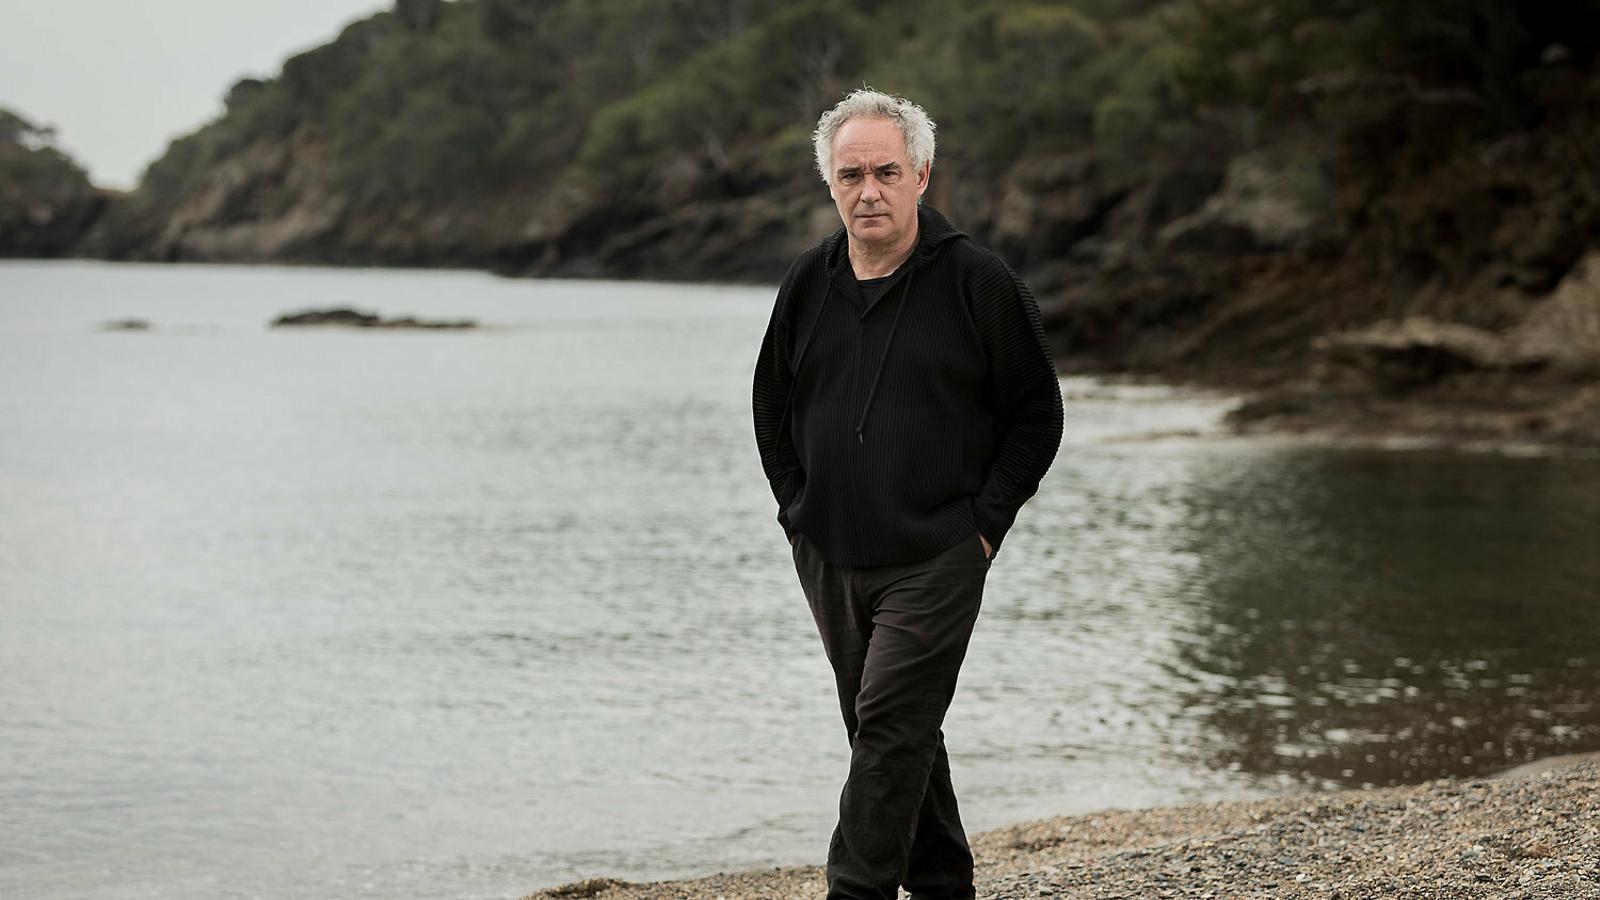 """Ferran Adrià passeja per Cala Montjoi, el lloc on va començar tot i on ara tornarà amb aquest nou i ambiciós projecte de divulgació, de recerca i de creació que ell defineix com un """"laboratori d'innovació"""""""